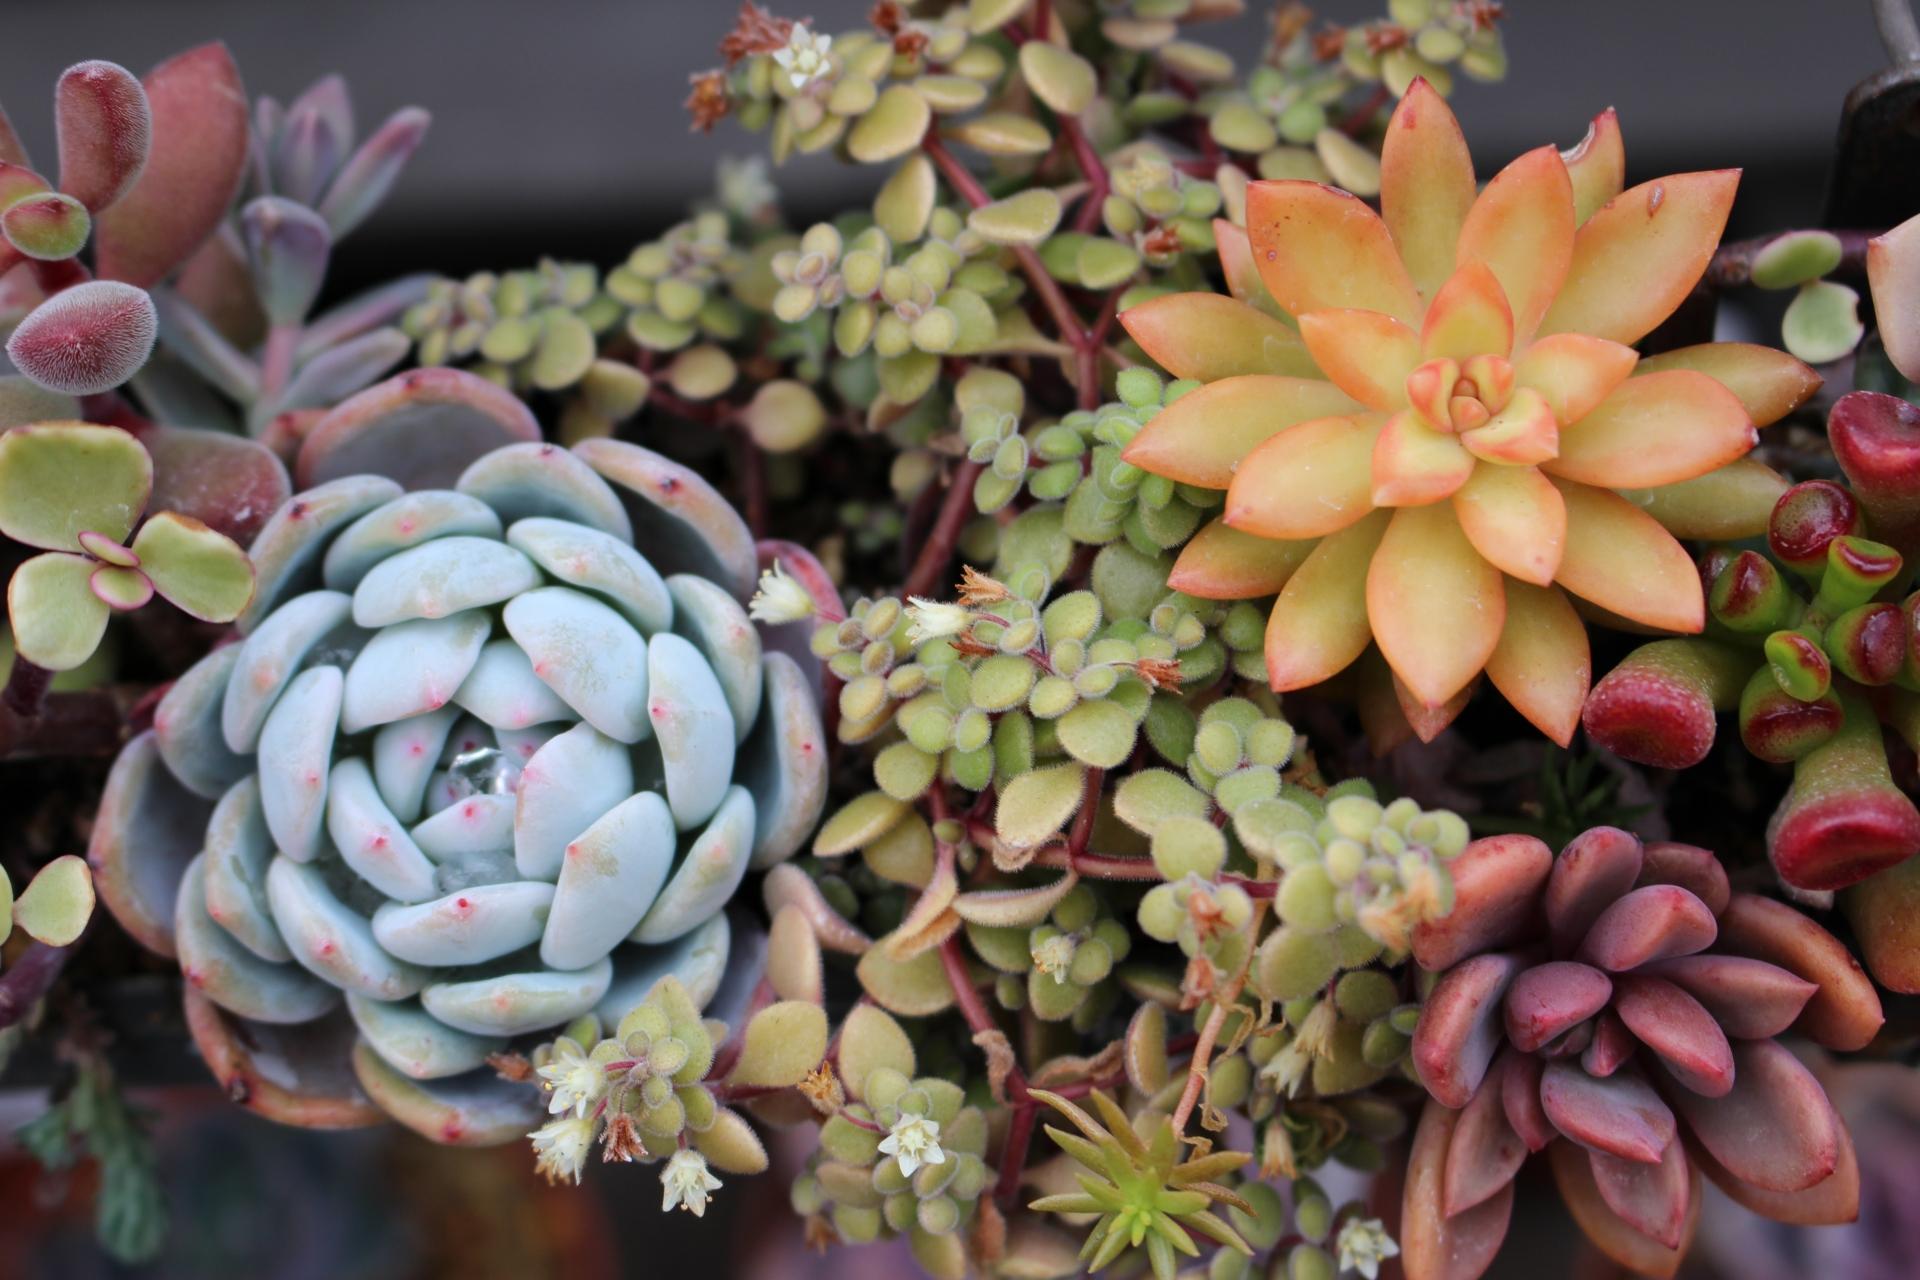 多肉植物の苗や鉢は100均で手に入れよう。おしゃれな飾り方